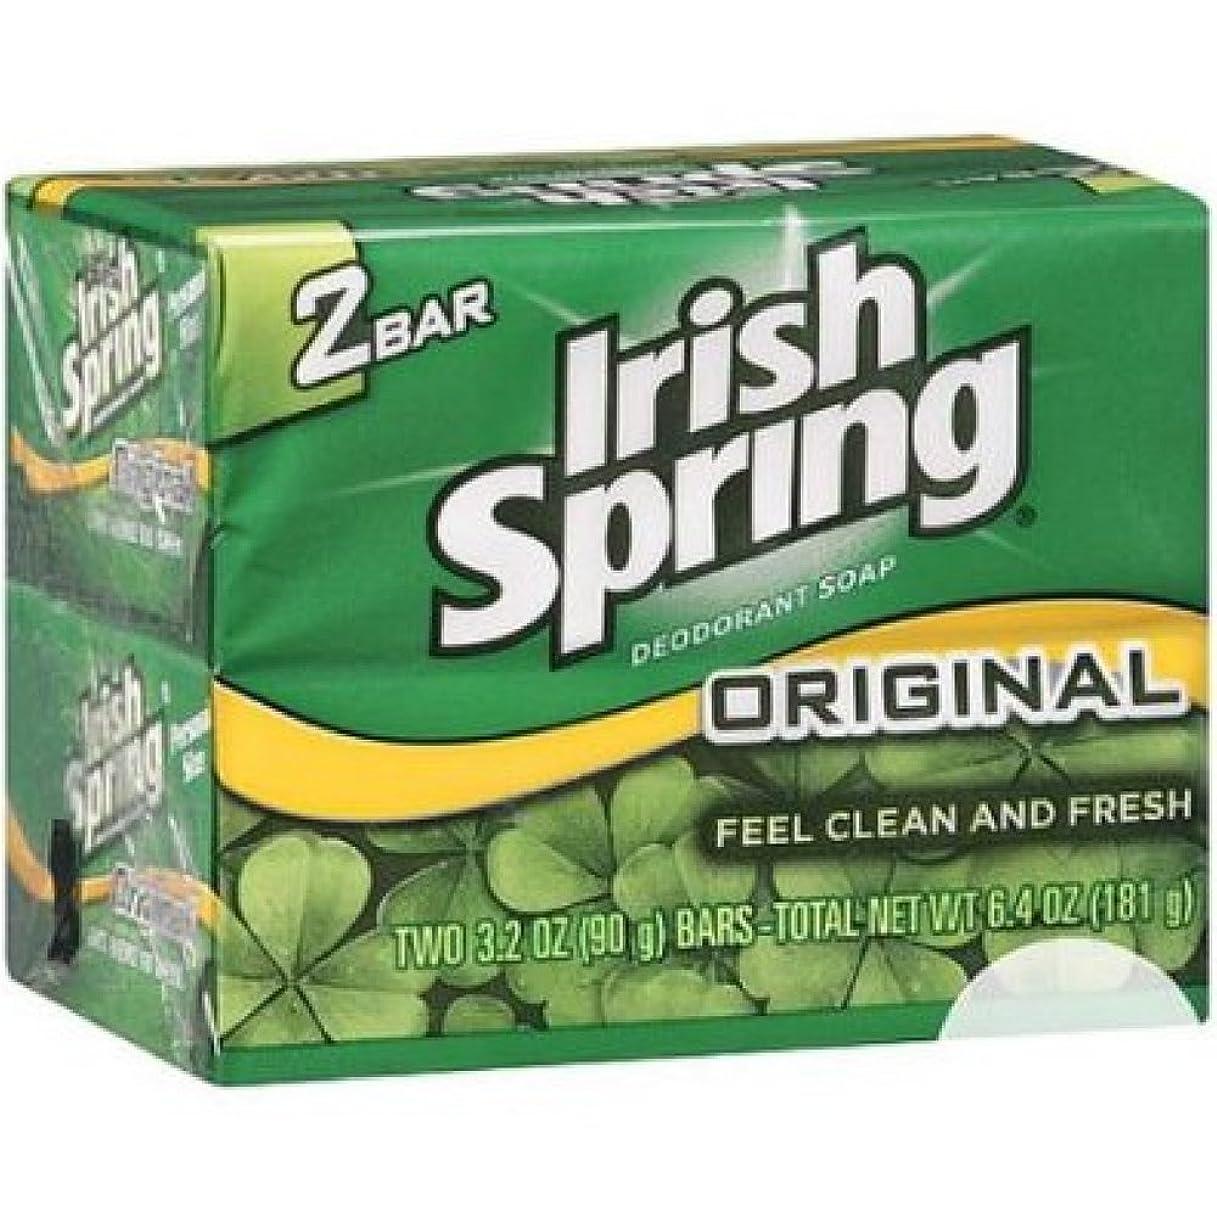 レーザ性差別応答Irish Spring オリジナルデオドラント石鹸、3.20オズバー、2 Eaは 8パック